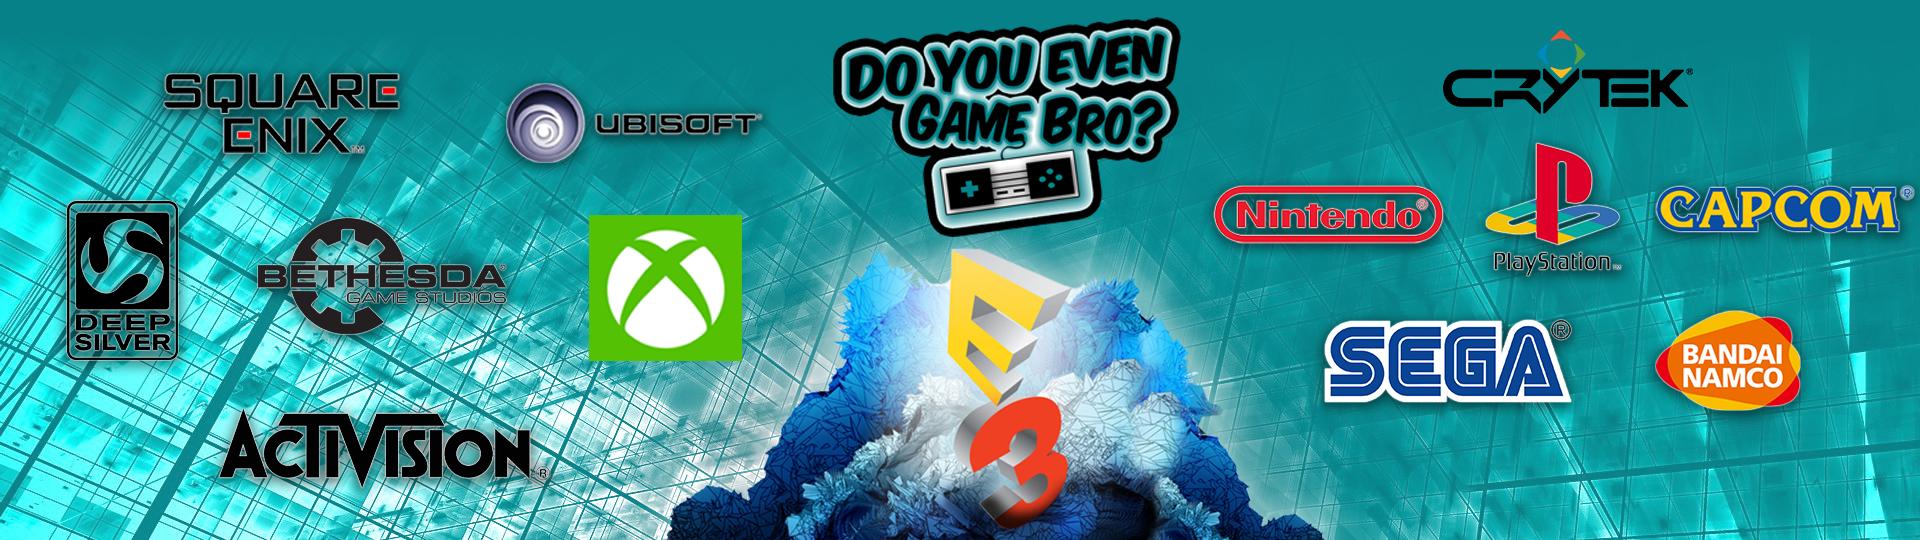 E3 2017 banner